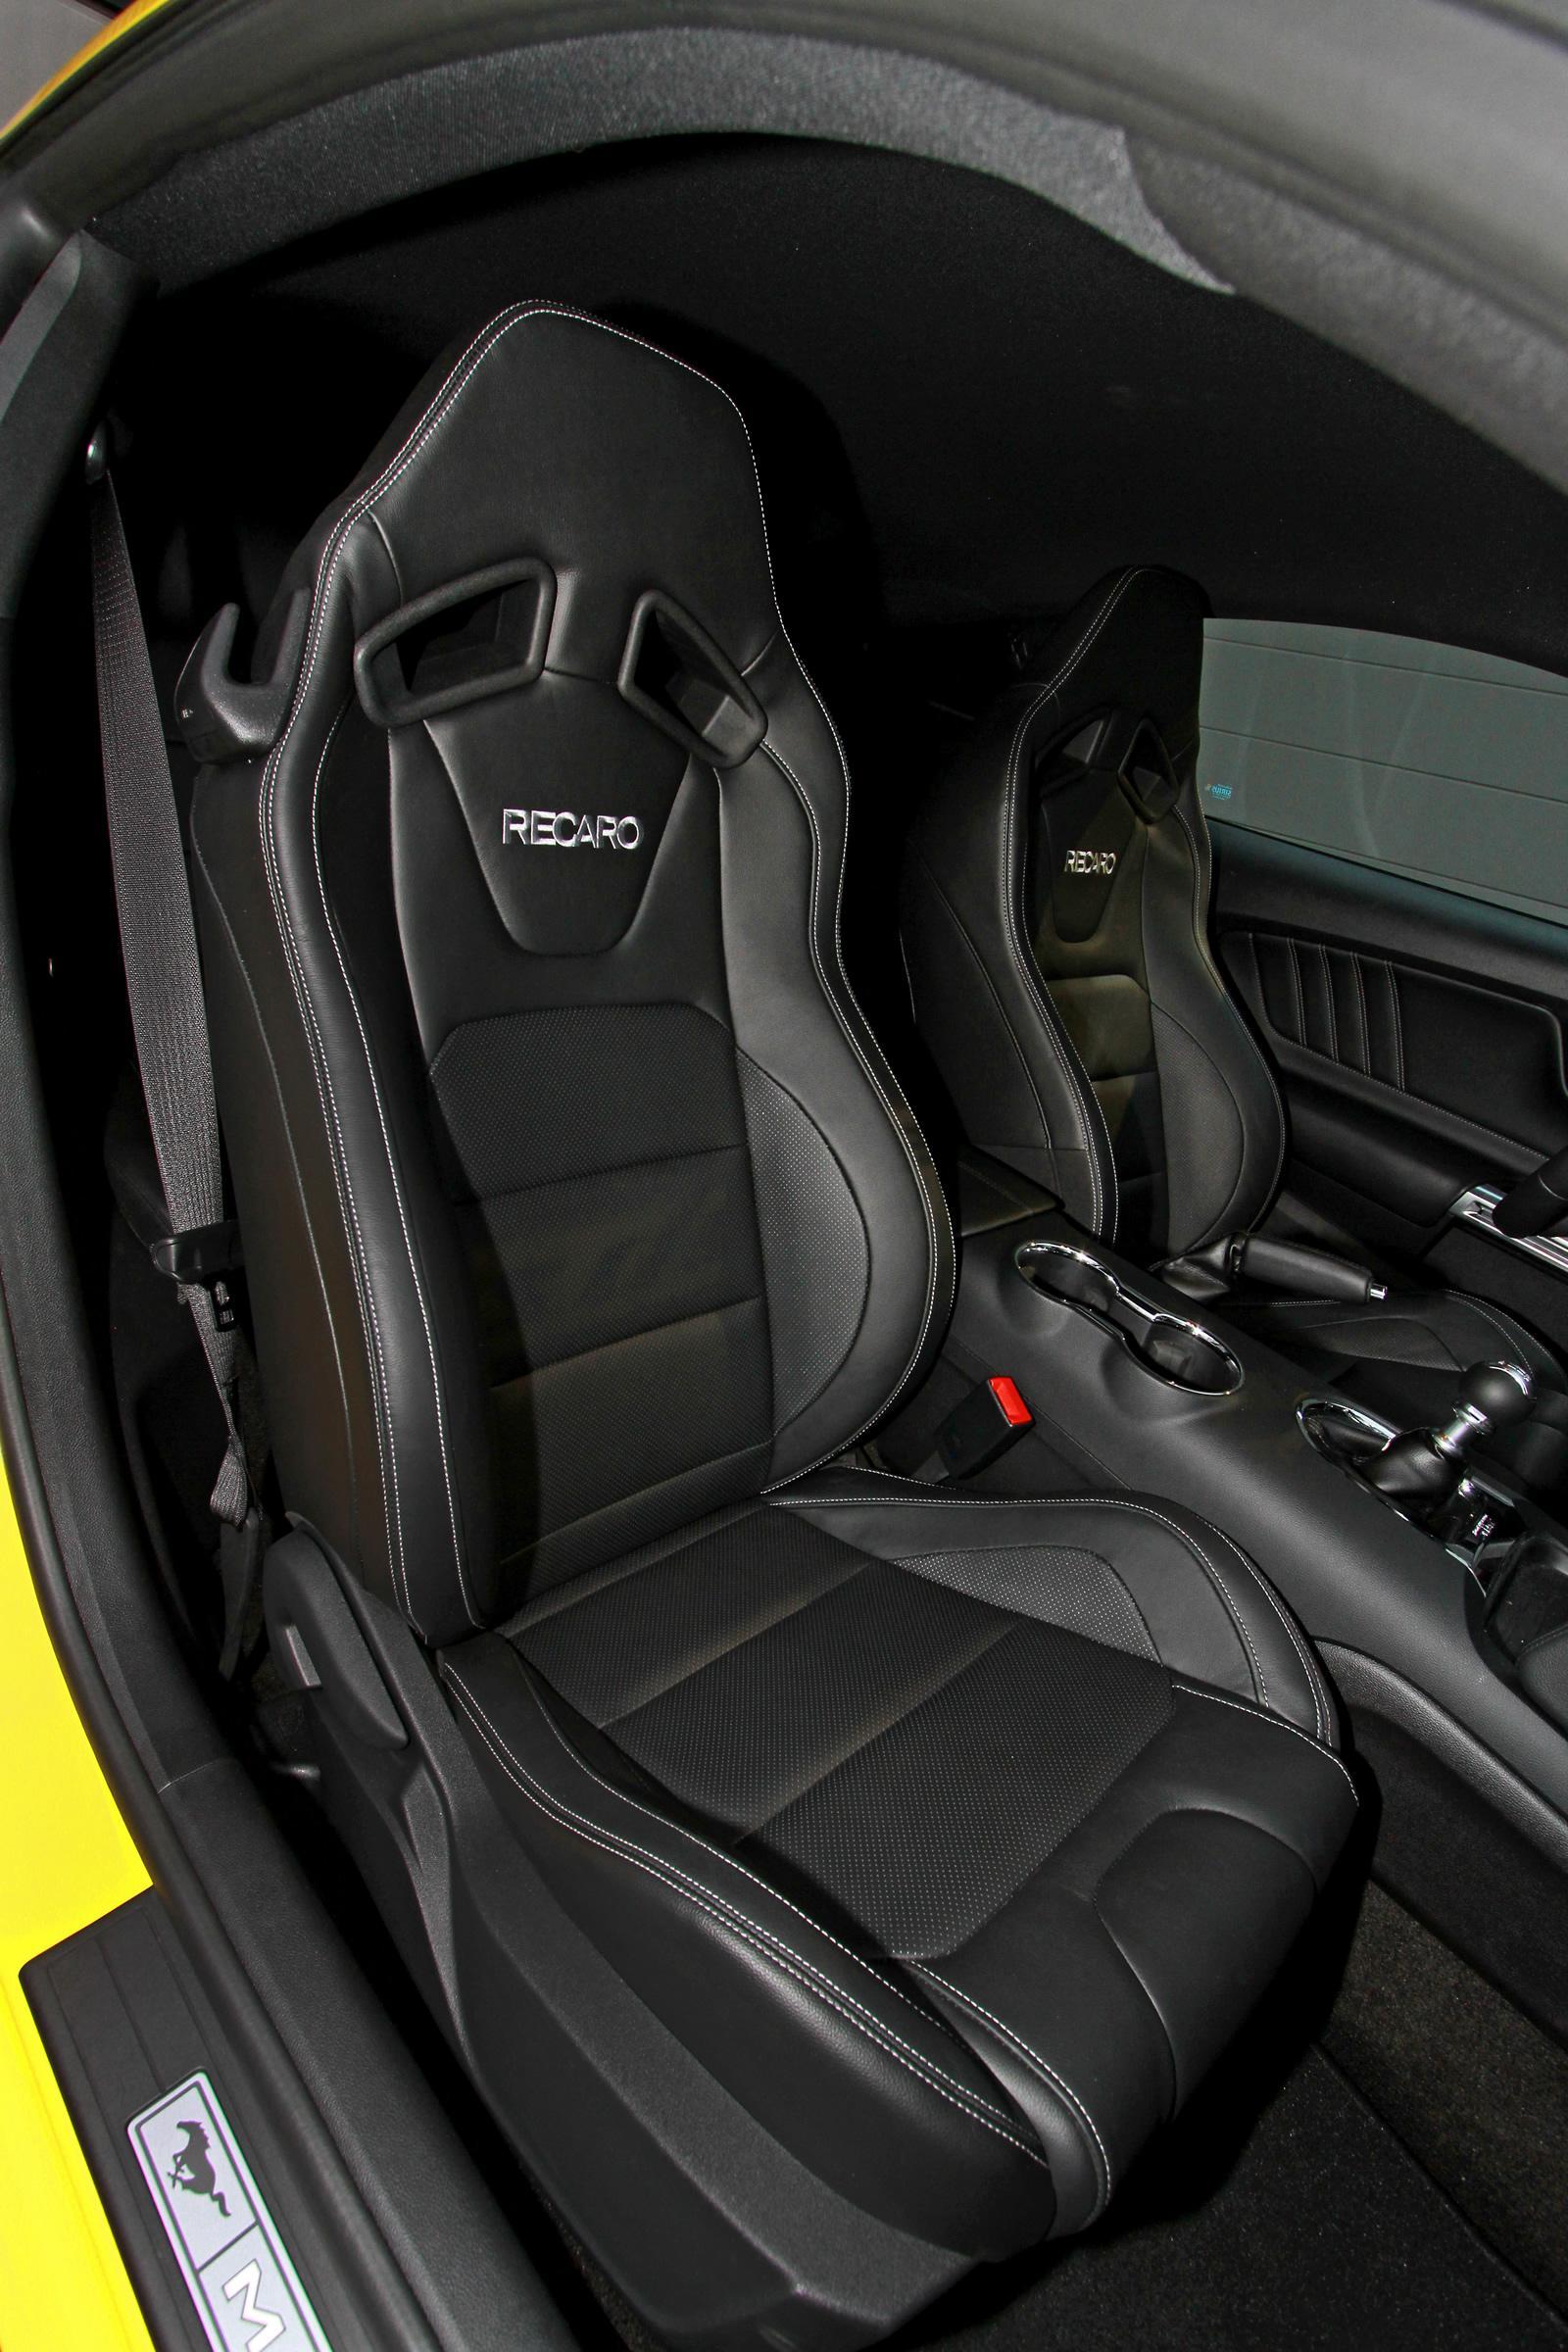 ¡709 CV en tu Ford Mustang GT gracias a GeigerCars! Por 82.900 euros puedes hacerte con el pack 3